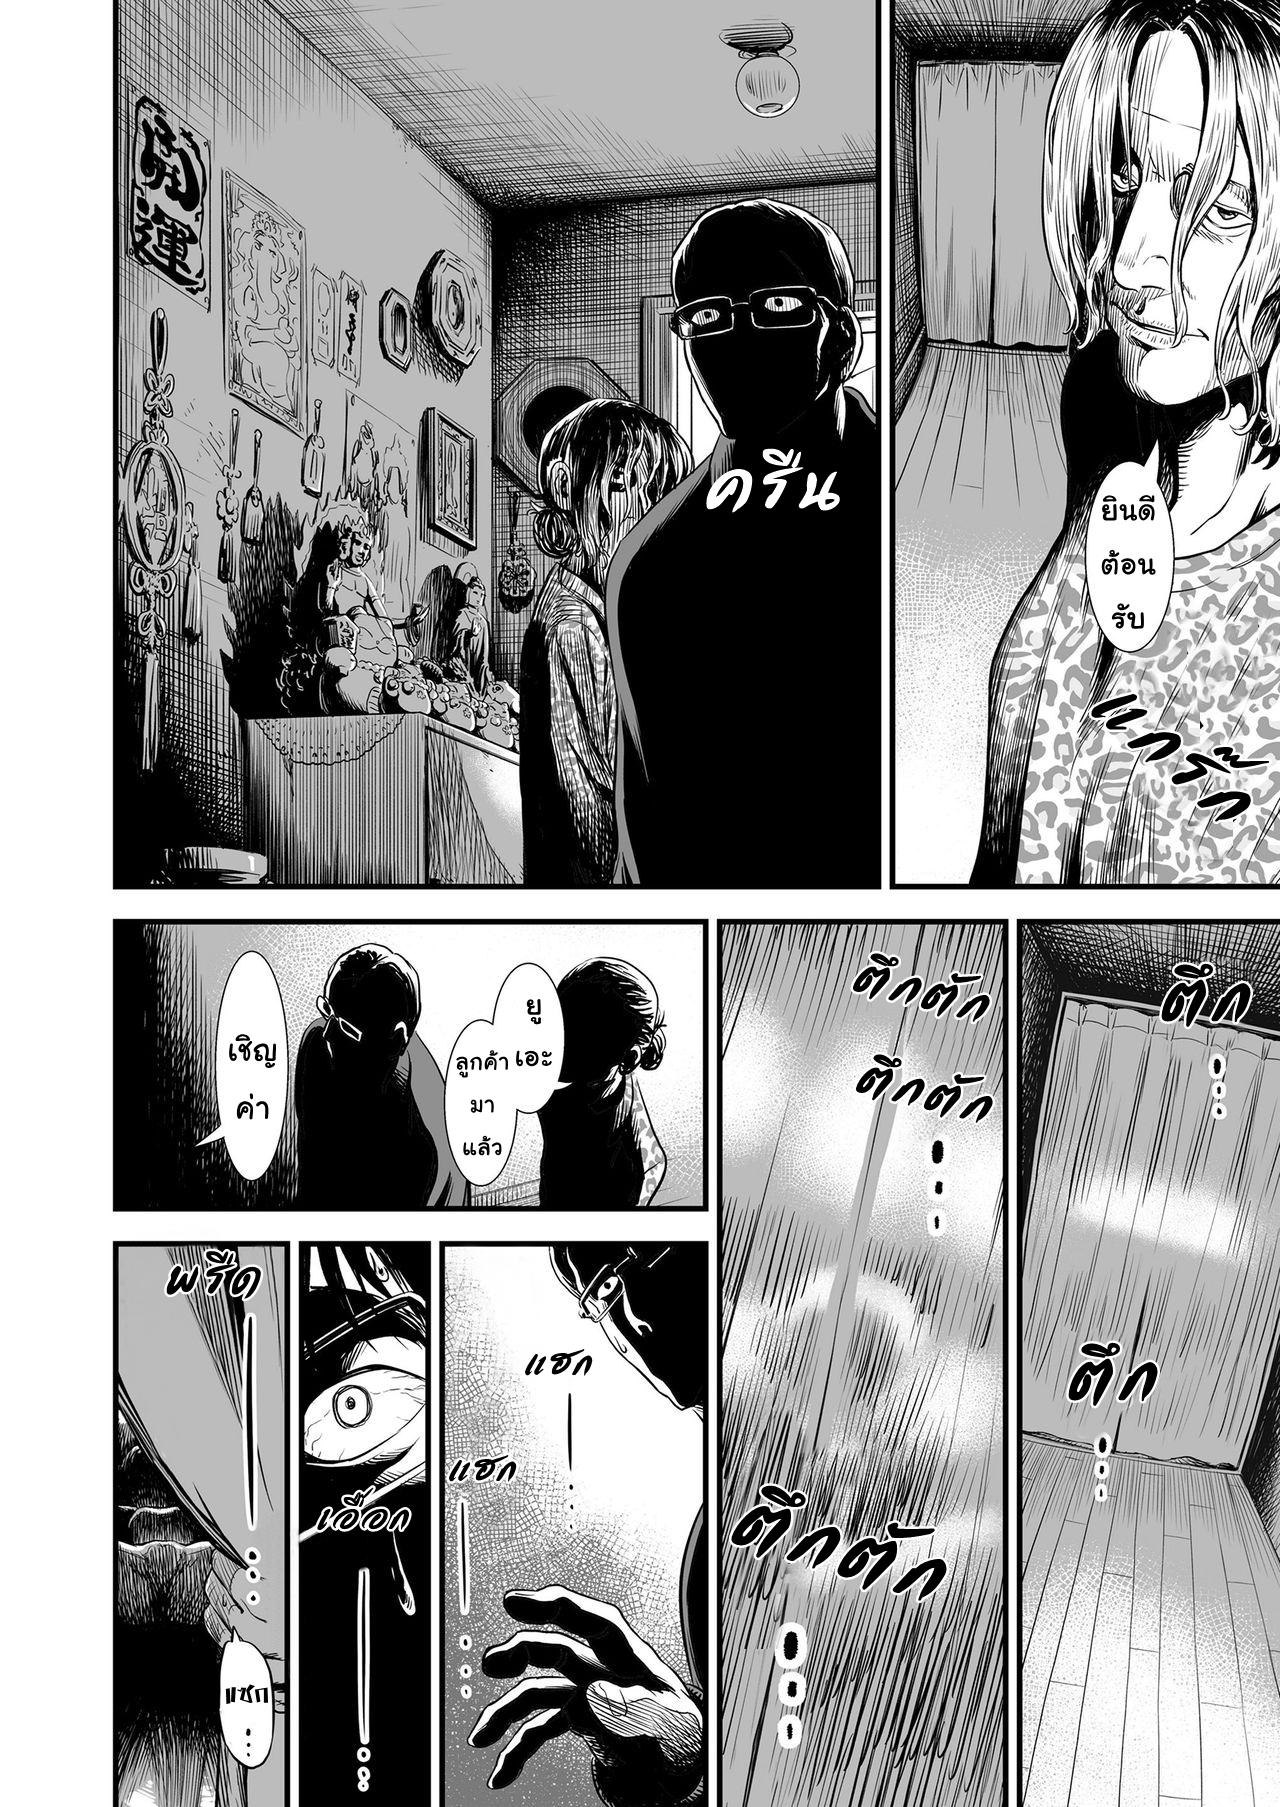 หน้าที่ของยูเอะจัง ภาพ 13